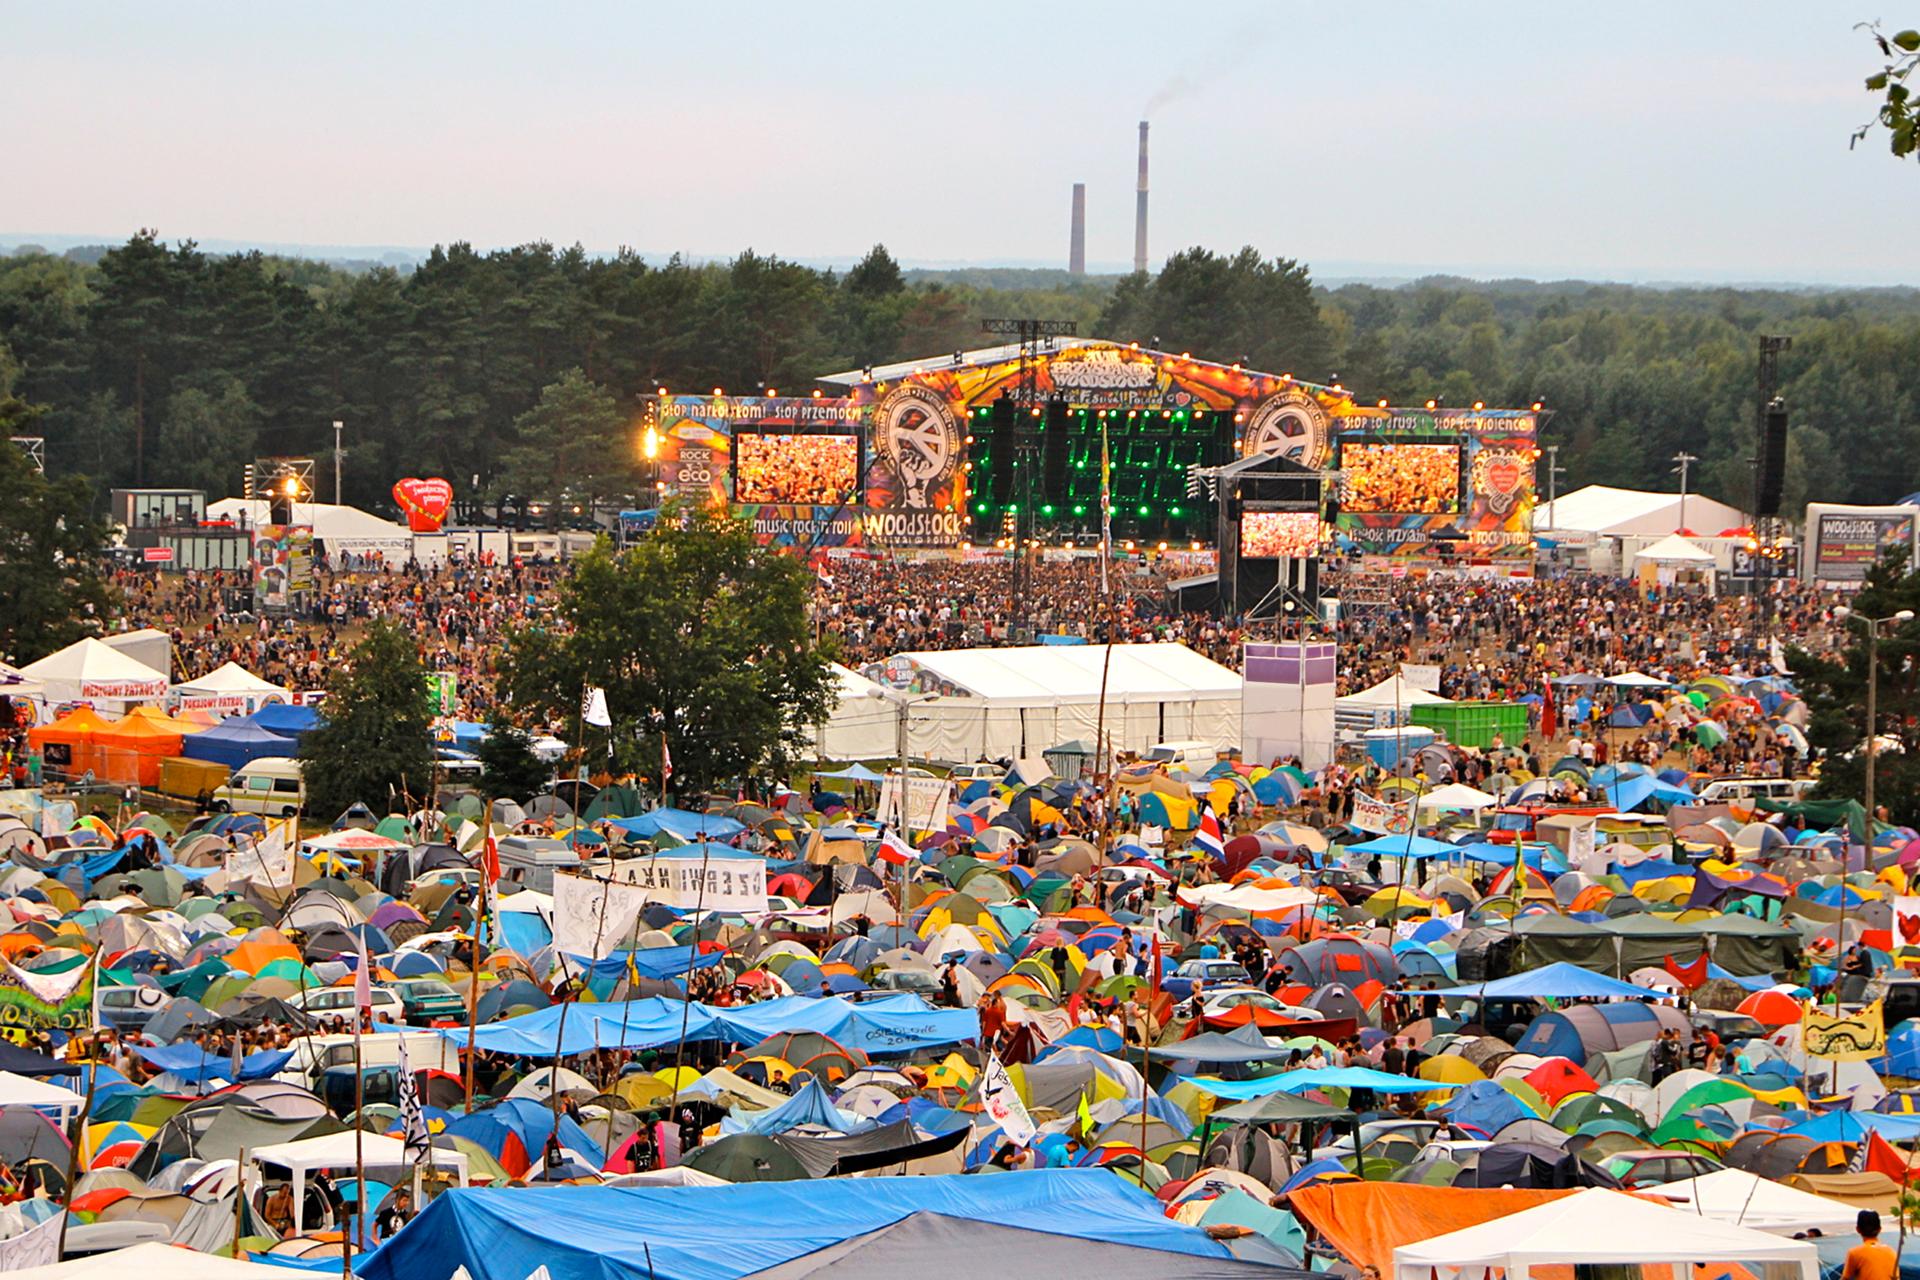 Galeria składa się zpięciu zdjęć prezentujących przykłady imprez masowych. Zdjęcie numer dwa przedstawia panoramę jednej zedycji festiwalu Przystanek Woodstock. Na pierwszym planie miasteczko namiotowe, kolorowe namioty gęsto rozłożone na całej powierzchni terenu. Wgłębi, za polem namiotowym, scena muzyczna. Wokół sceny kolorowe ścianki. Przed sceną tłum widzów. Za sceną gęsty las.